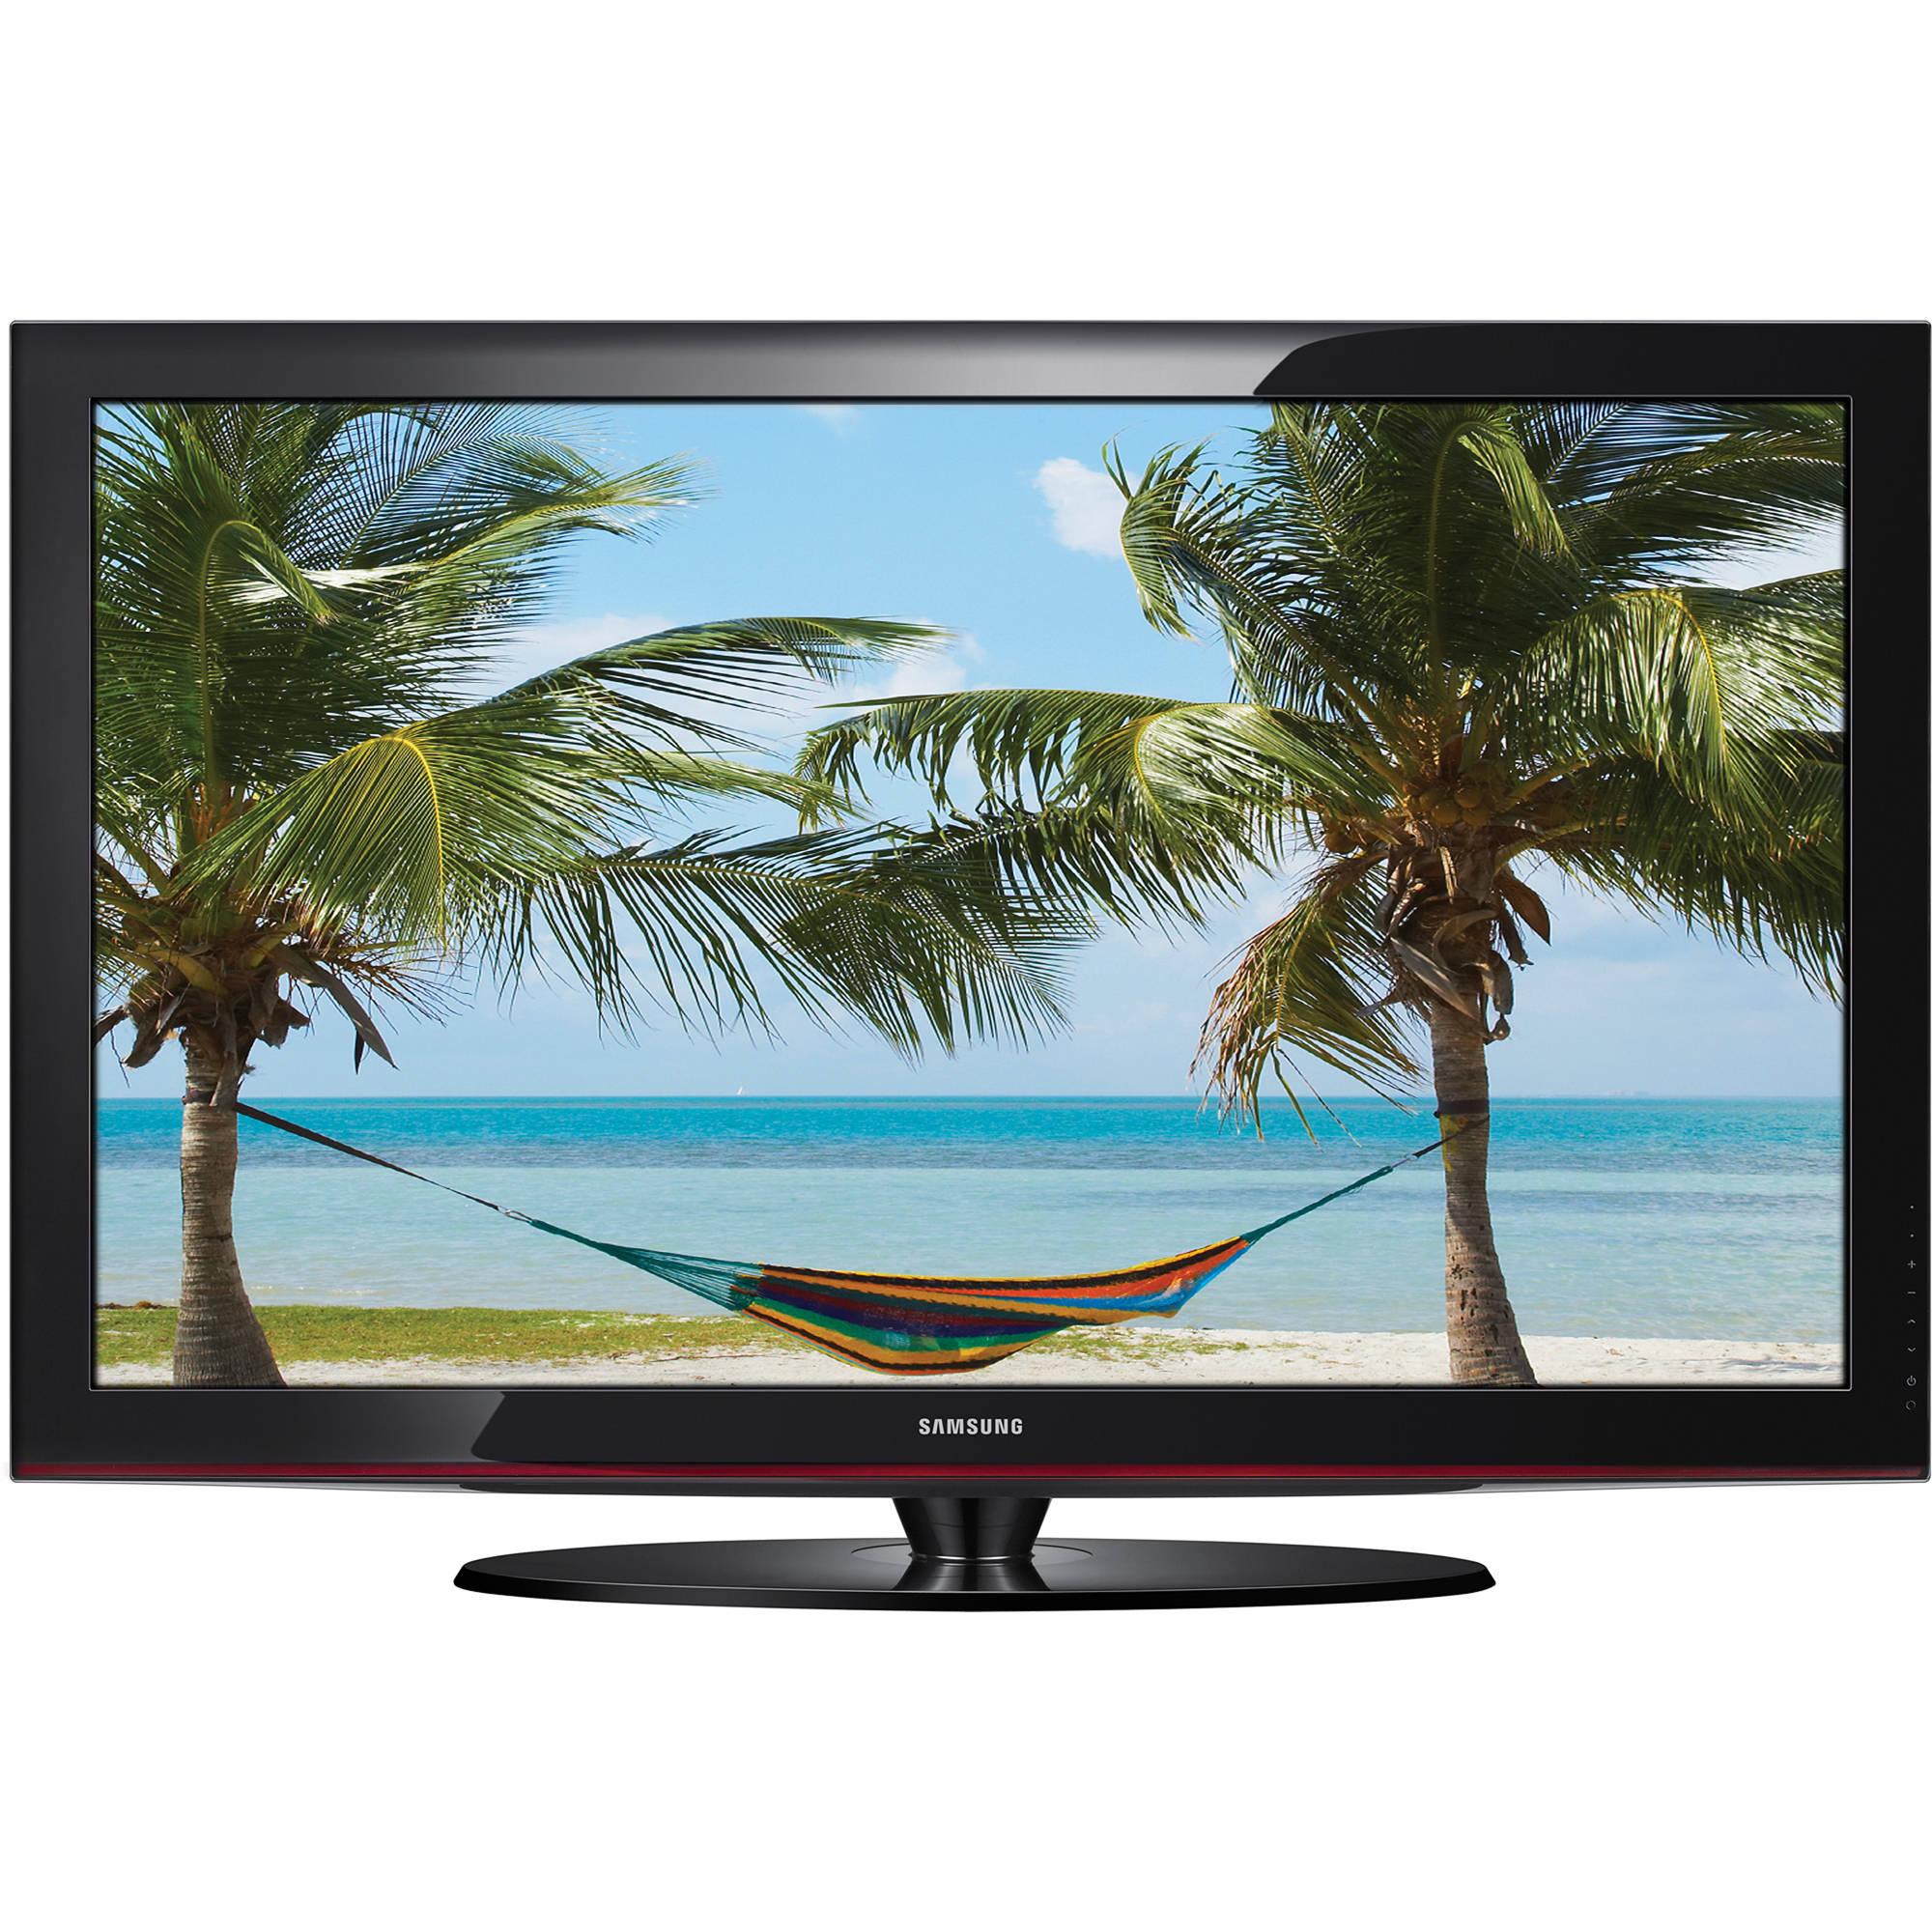 Samsung Pn42c450 42 720p Plasma Tv Pn42c450b1dxza B H